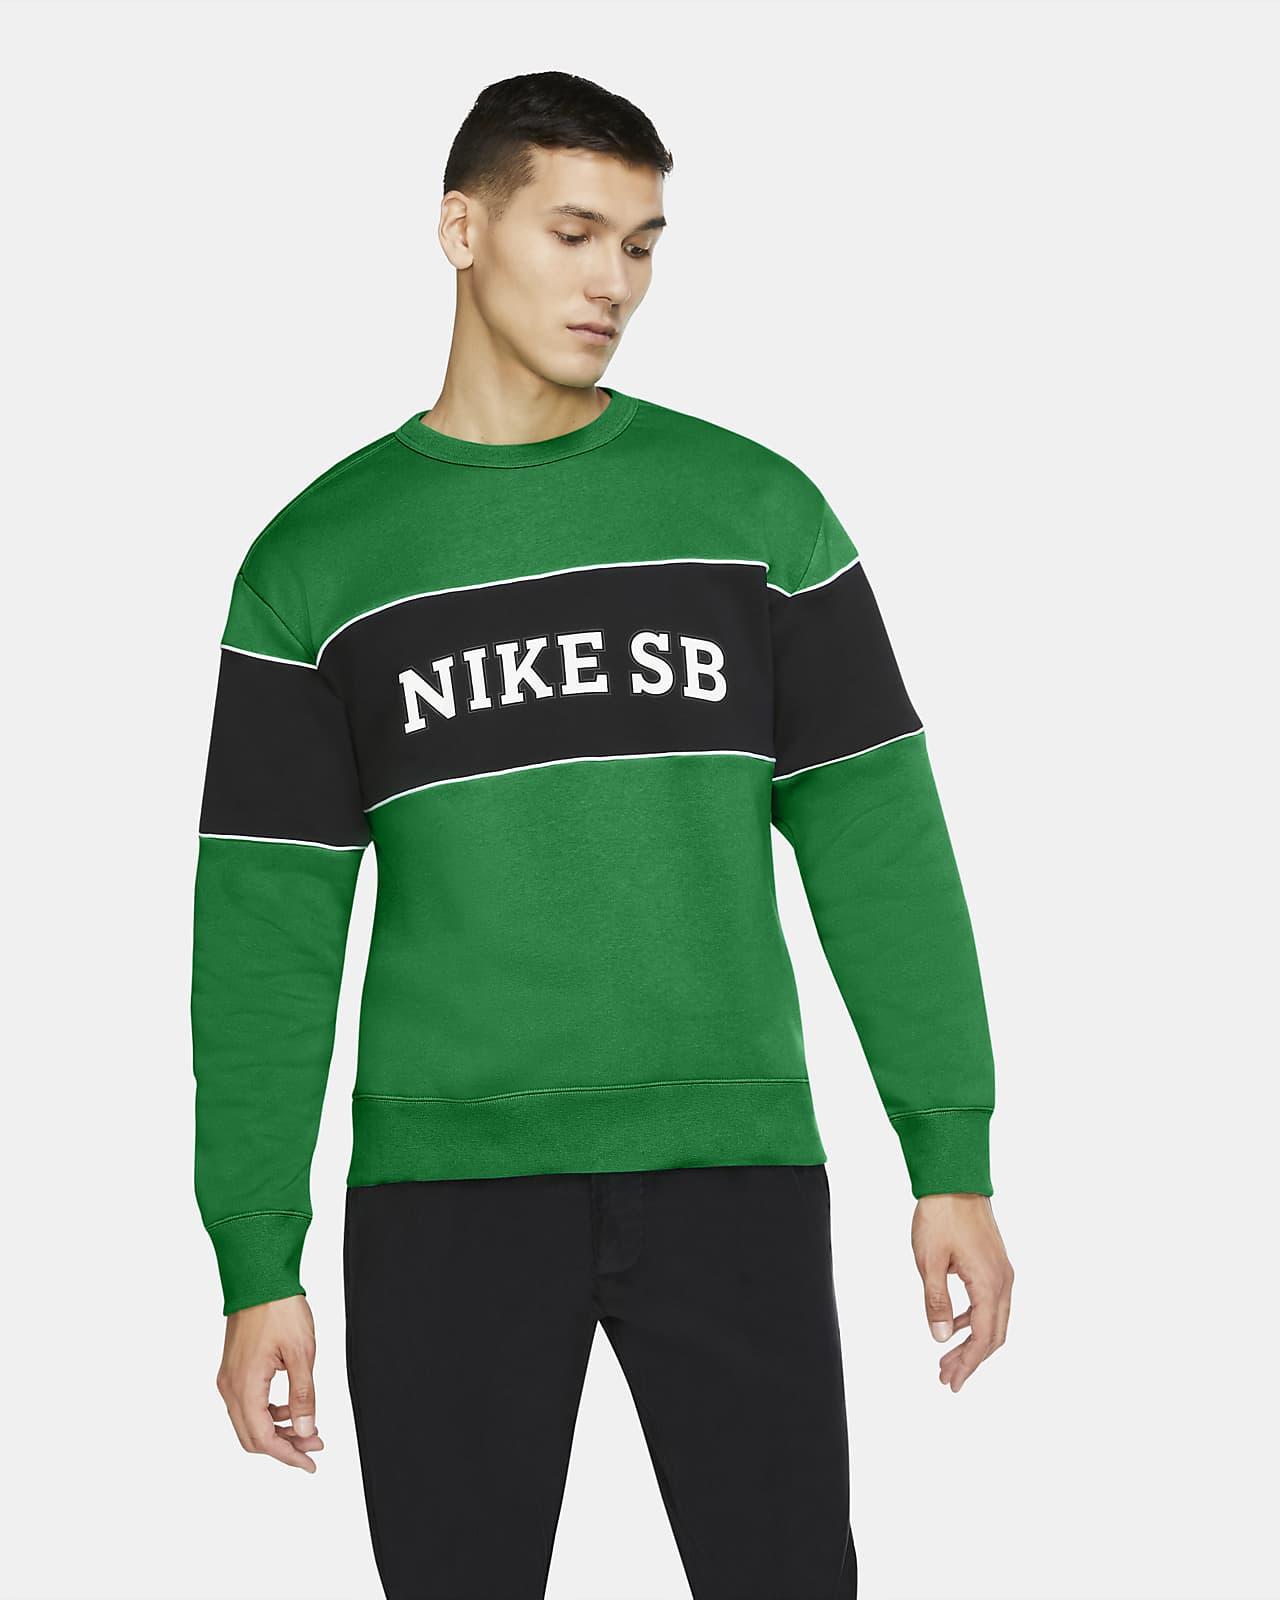 Nike SB Skate-Rundhalsshirt für Herren